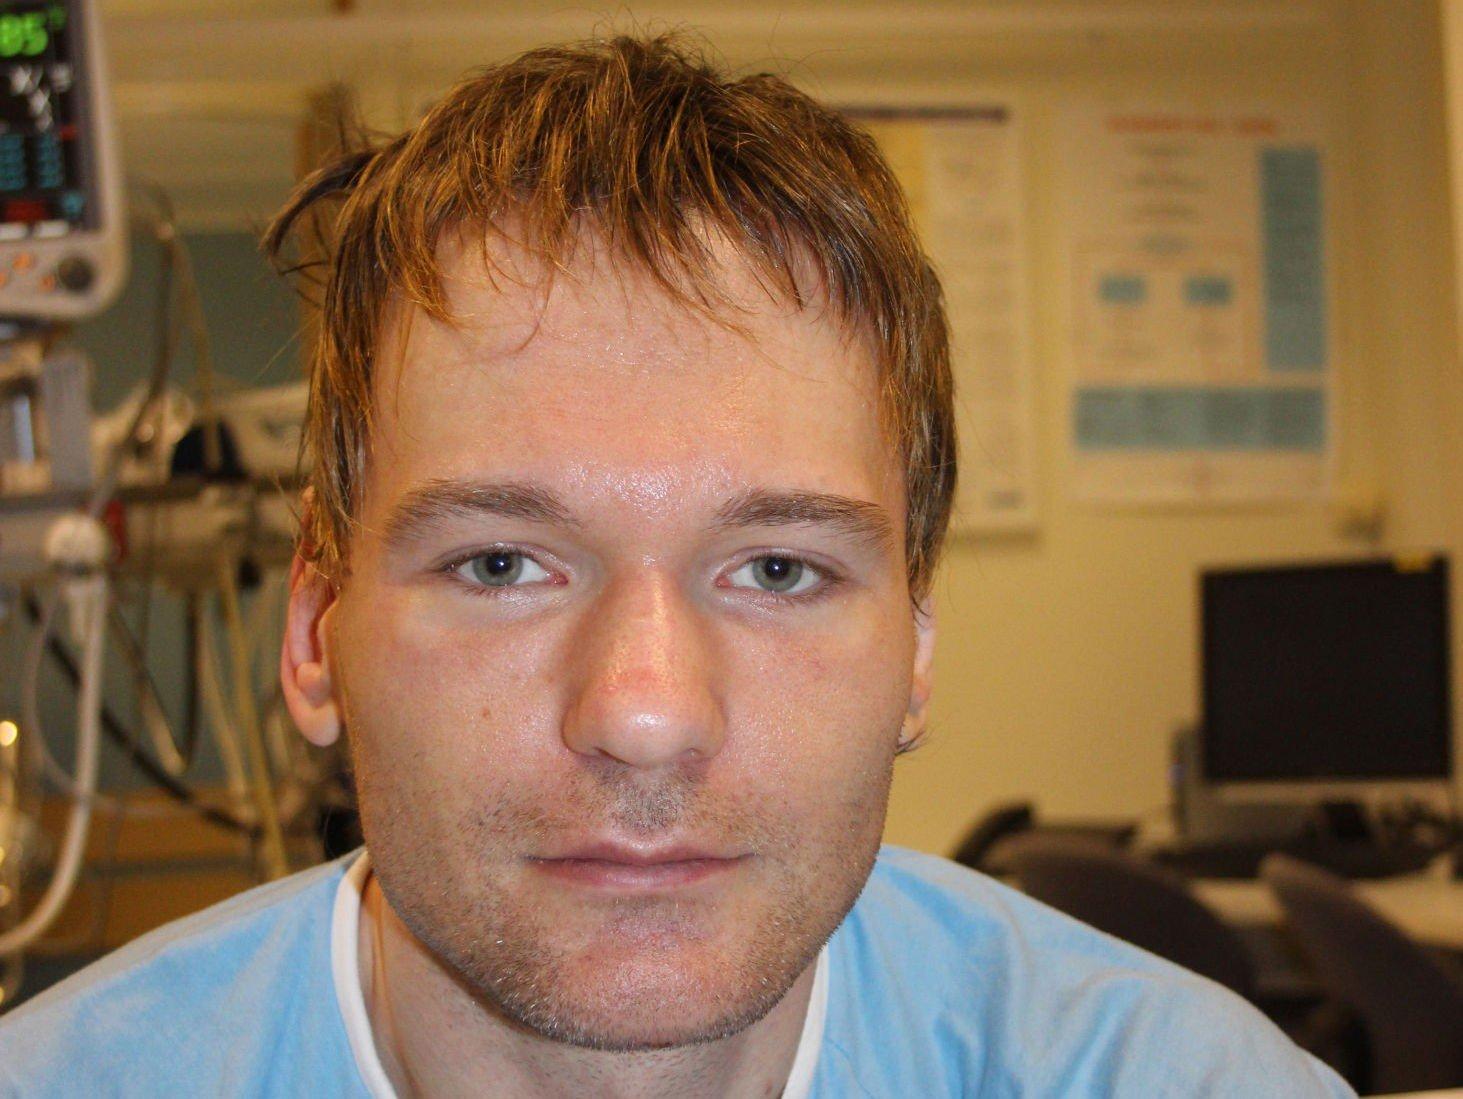 HUSKER INGENTING: Mannen uten hukommelse ble funnet i en snøfonn i Grenseveien i Oslo i desember i fjor. Nå bekrefter et tsjekkisk par at han er deres sønn.